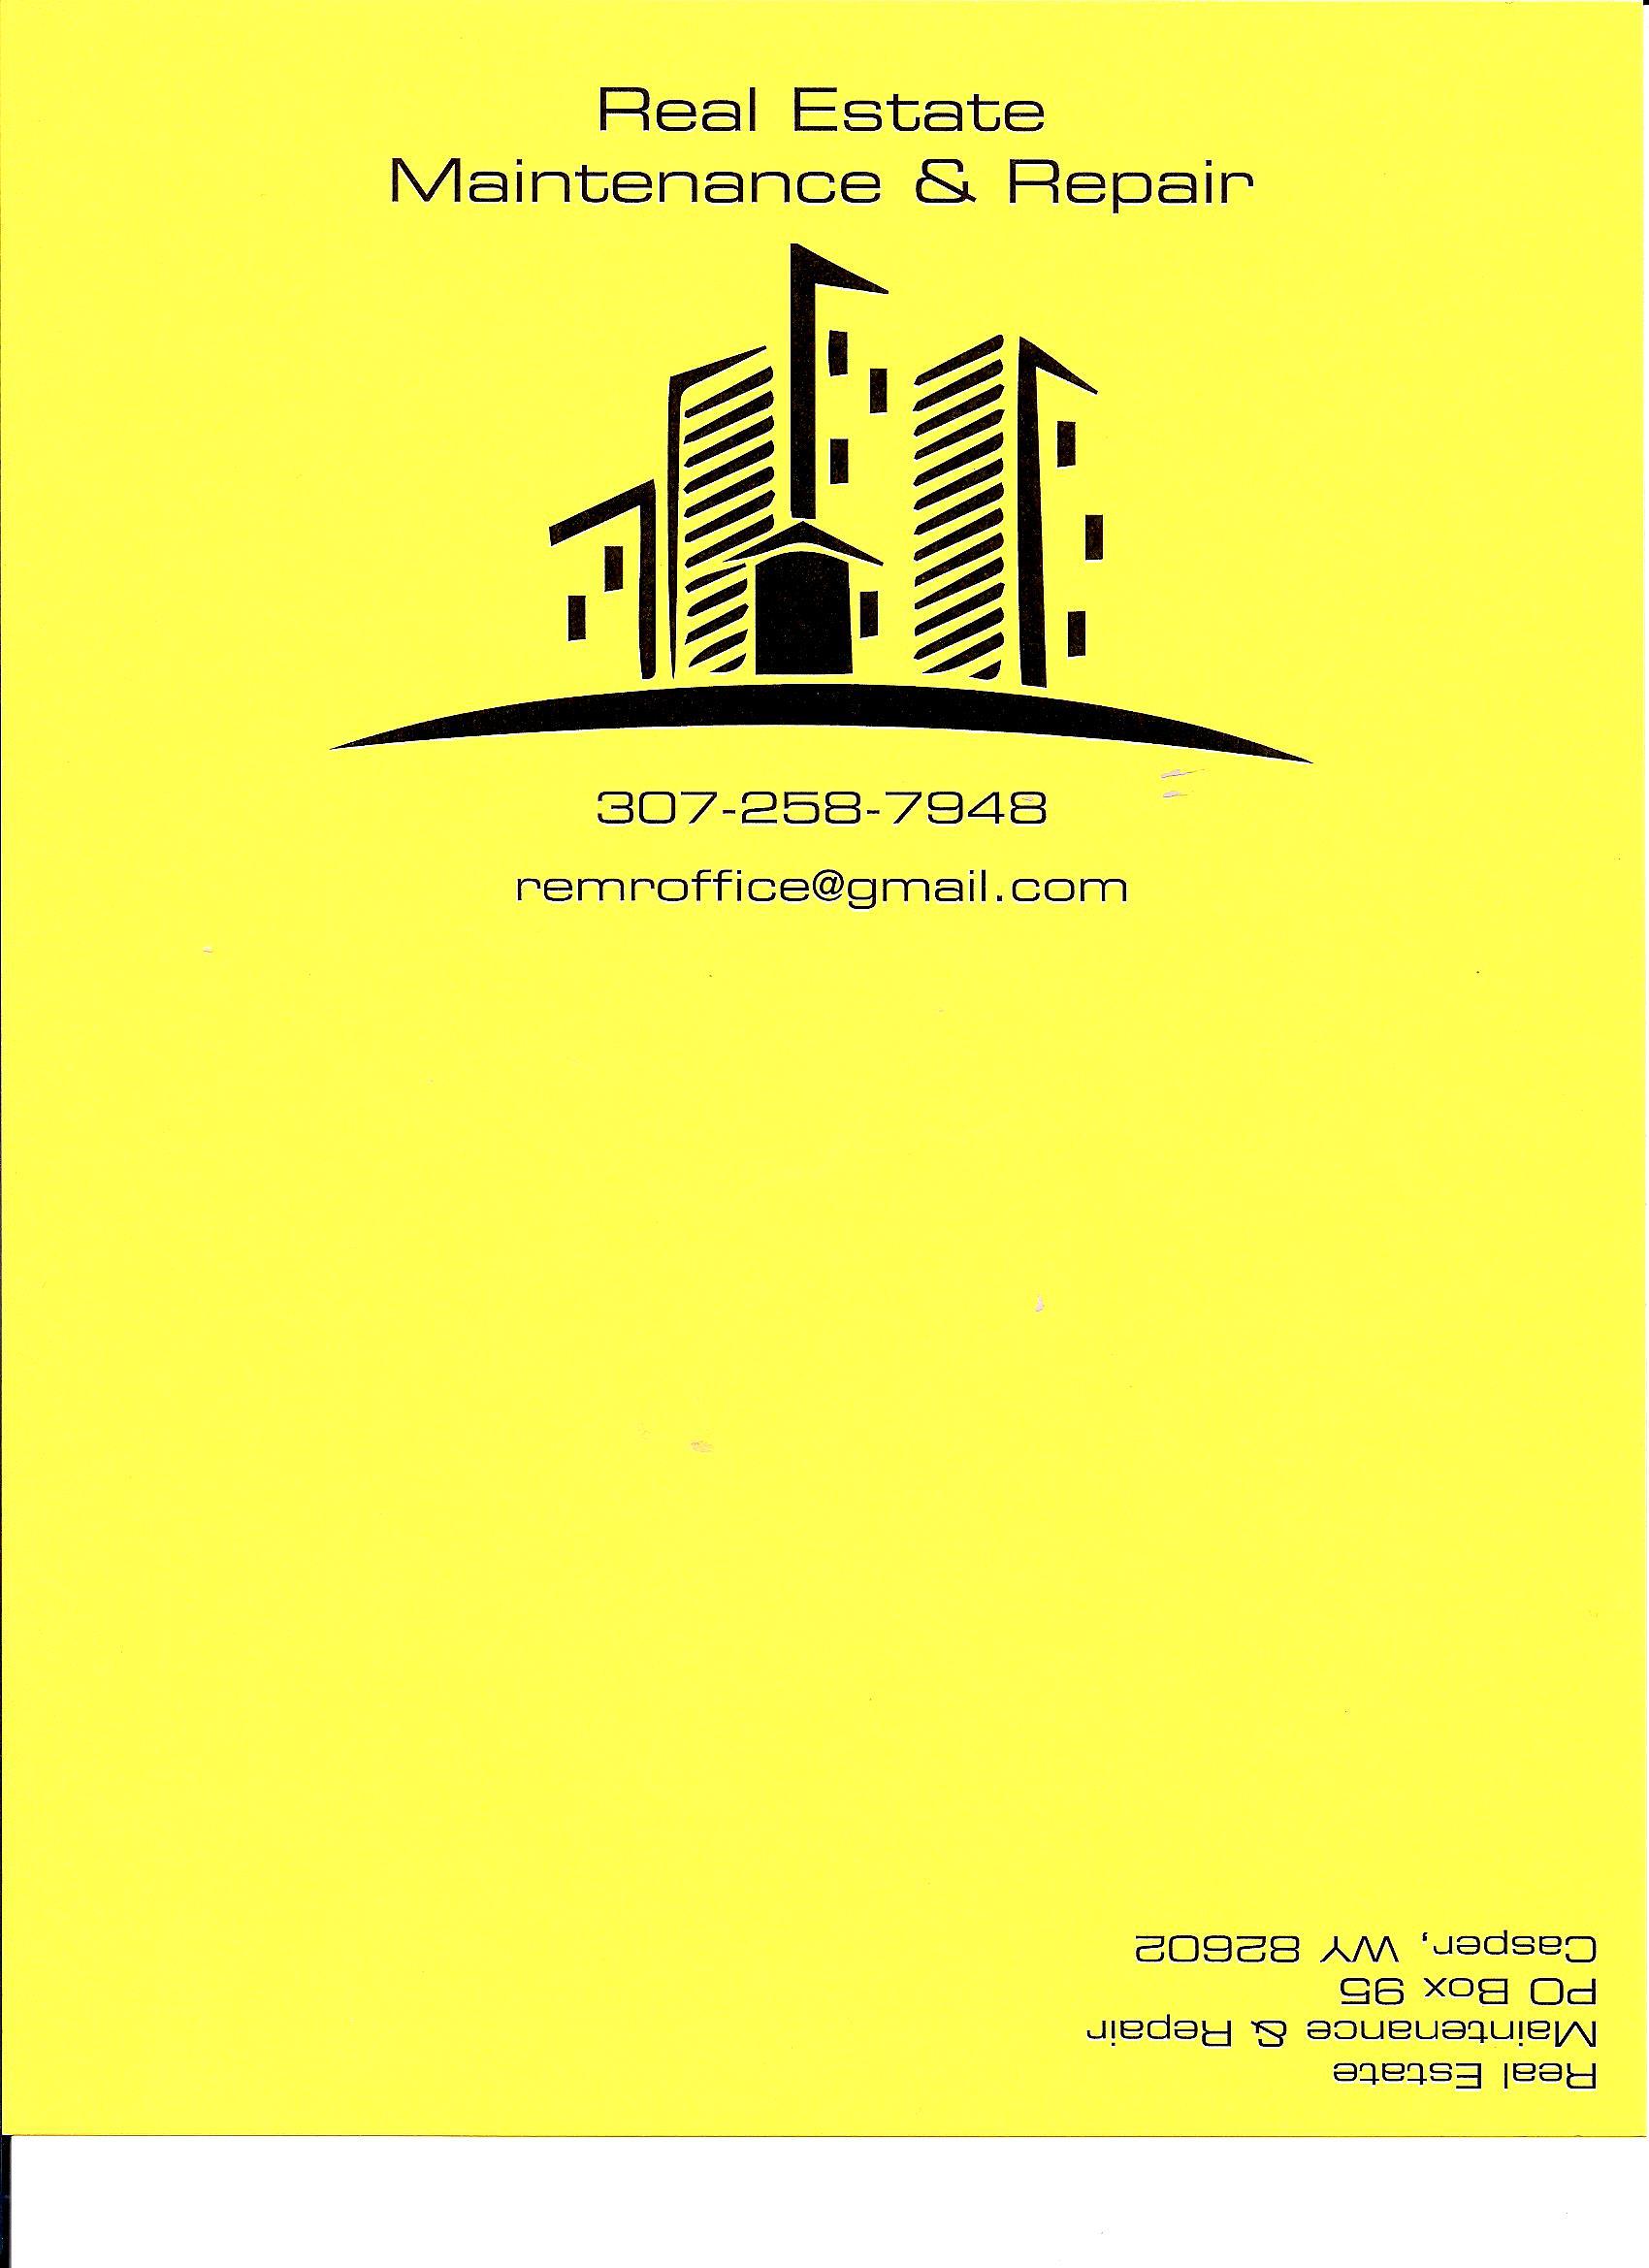 Real Estate Maintenance & Repair logo